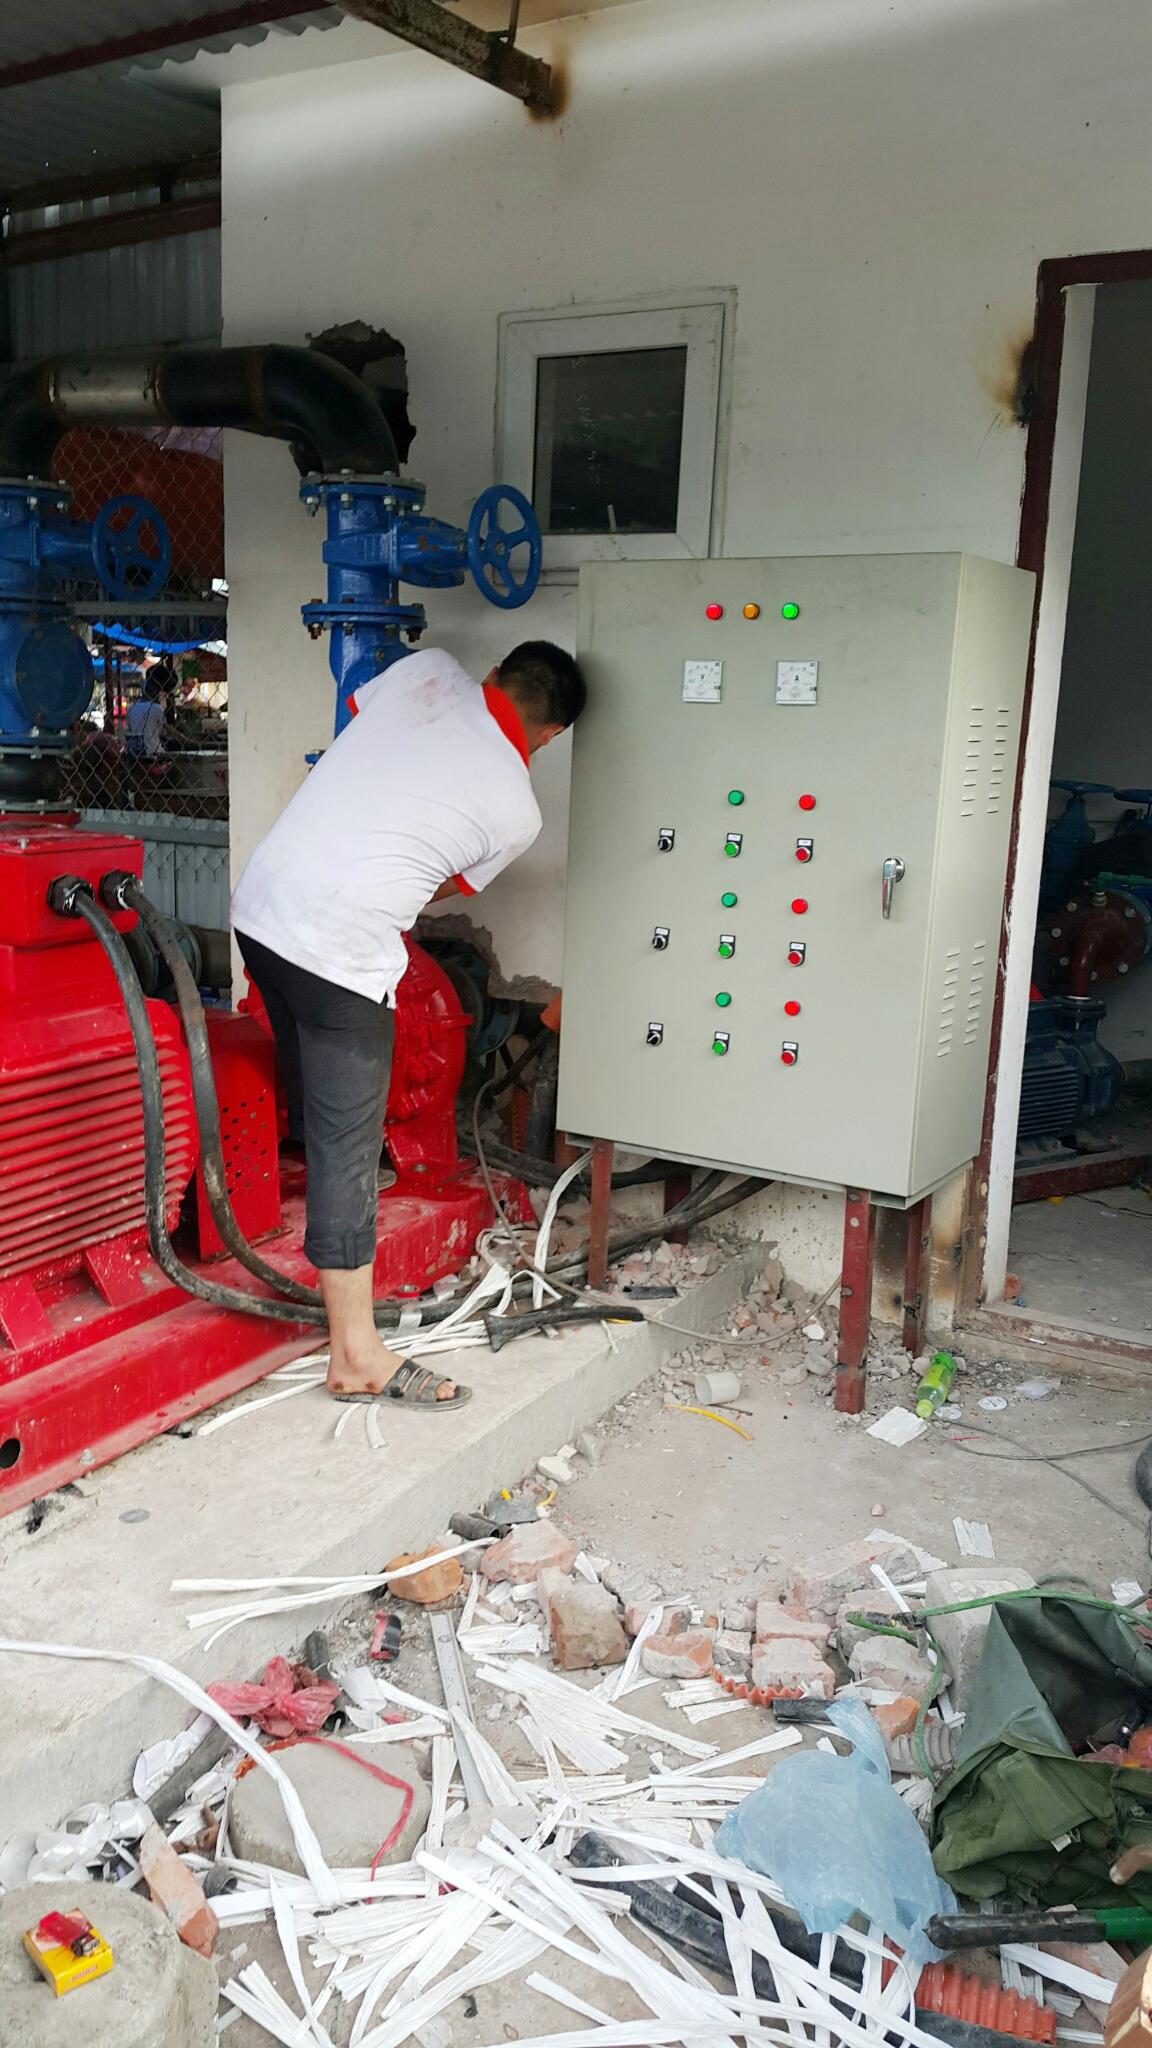 Hệ thống phòng cháy chữa cháy cho nhà máy đảm bảo an toàn và chất lượng tối ưu nhất